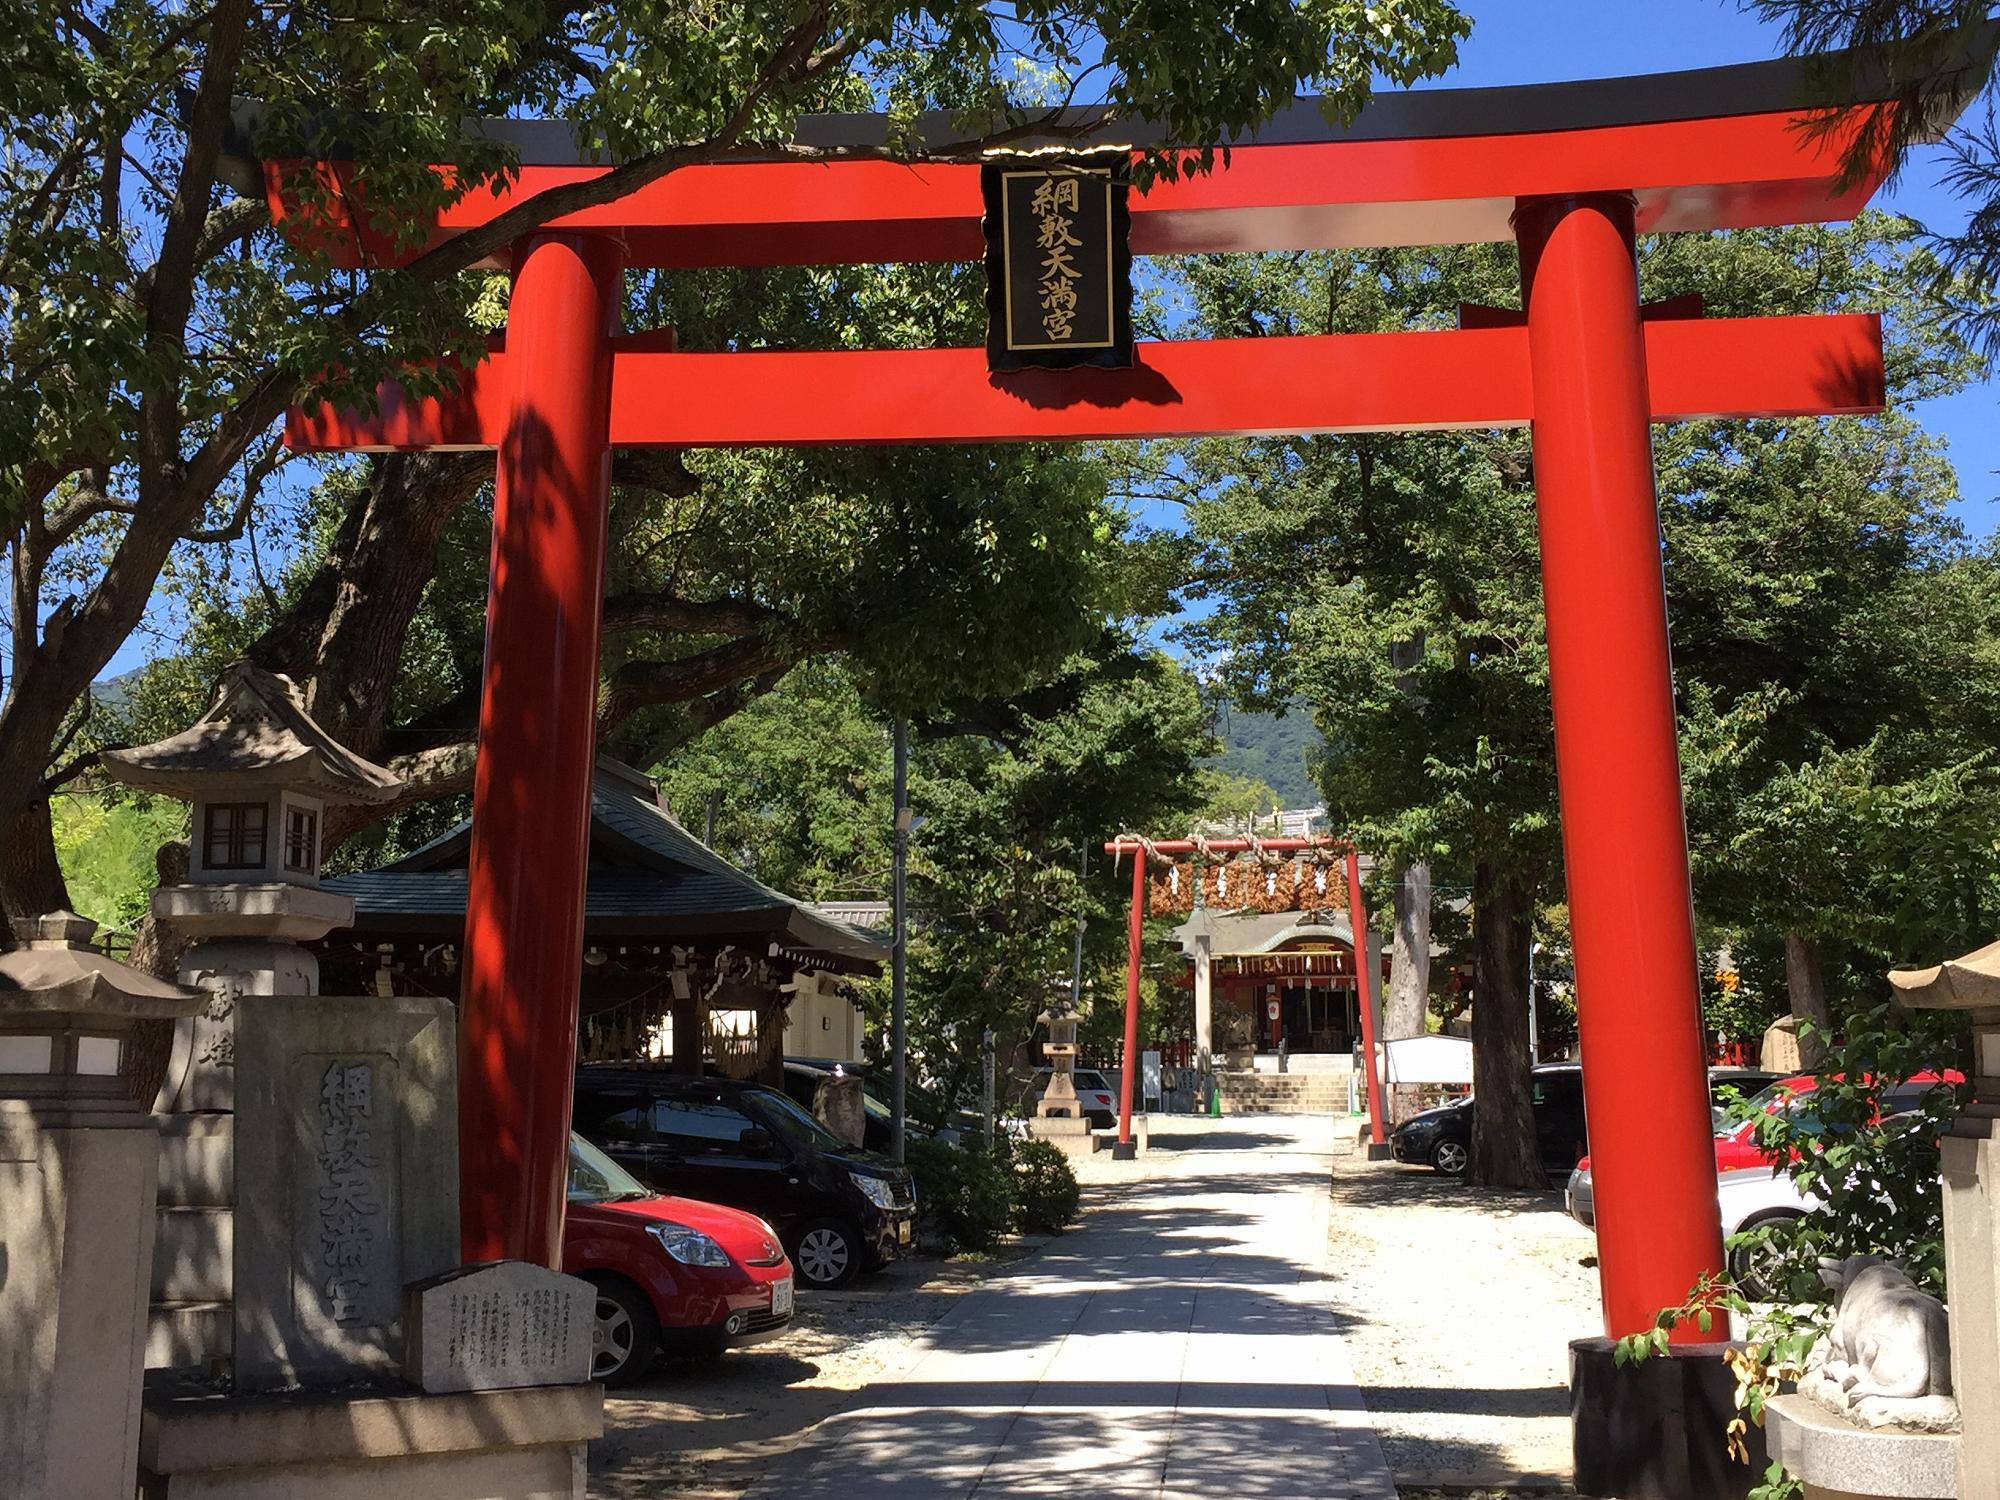 阪急御影・南西にある「綱敷天満神社」にお参りしてきた! #神社 #綱敷天満神社